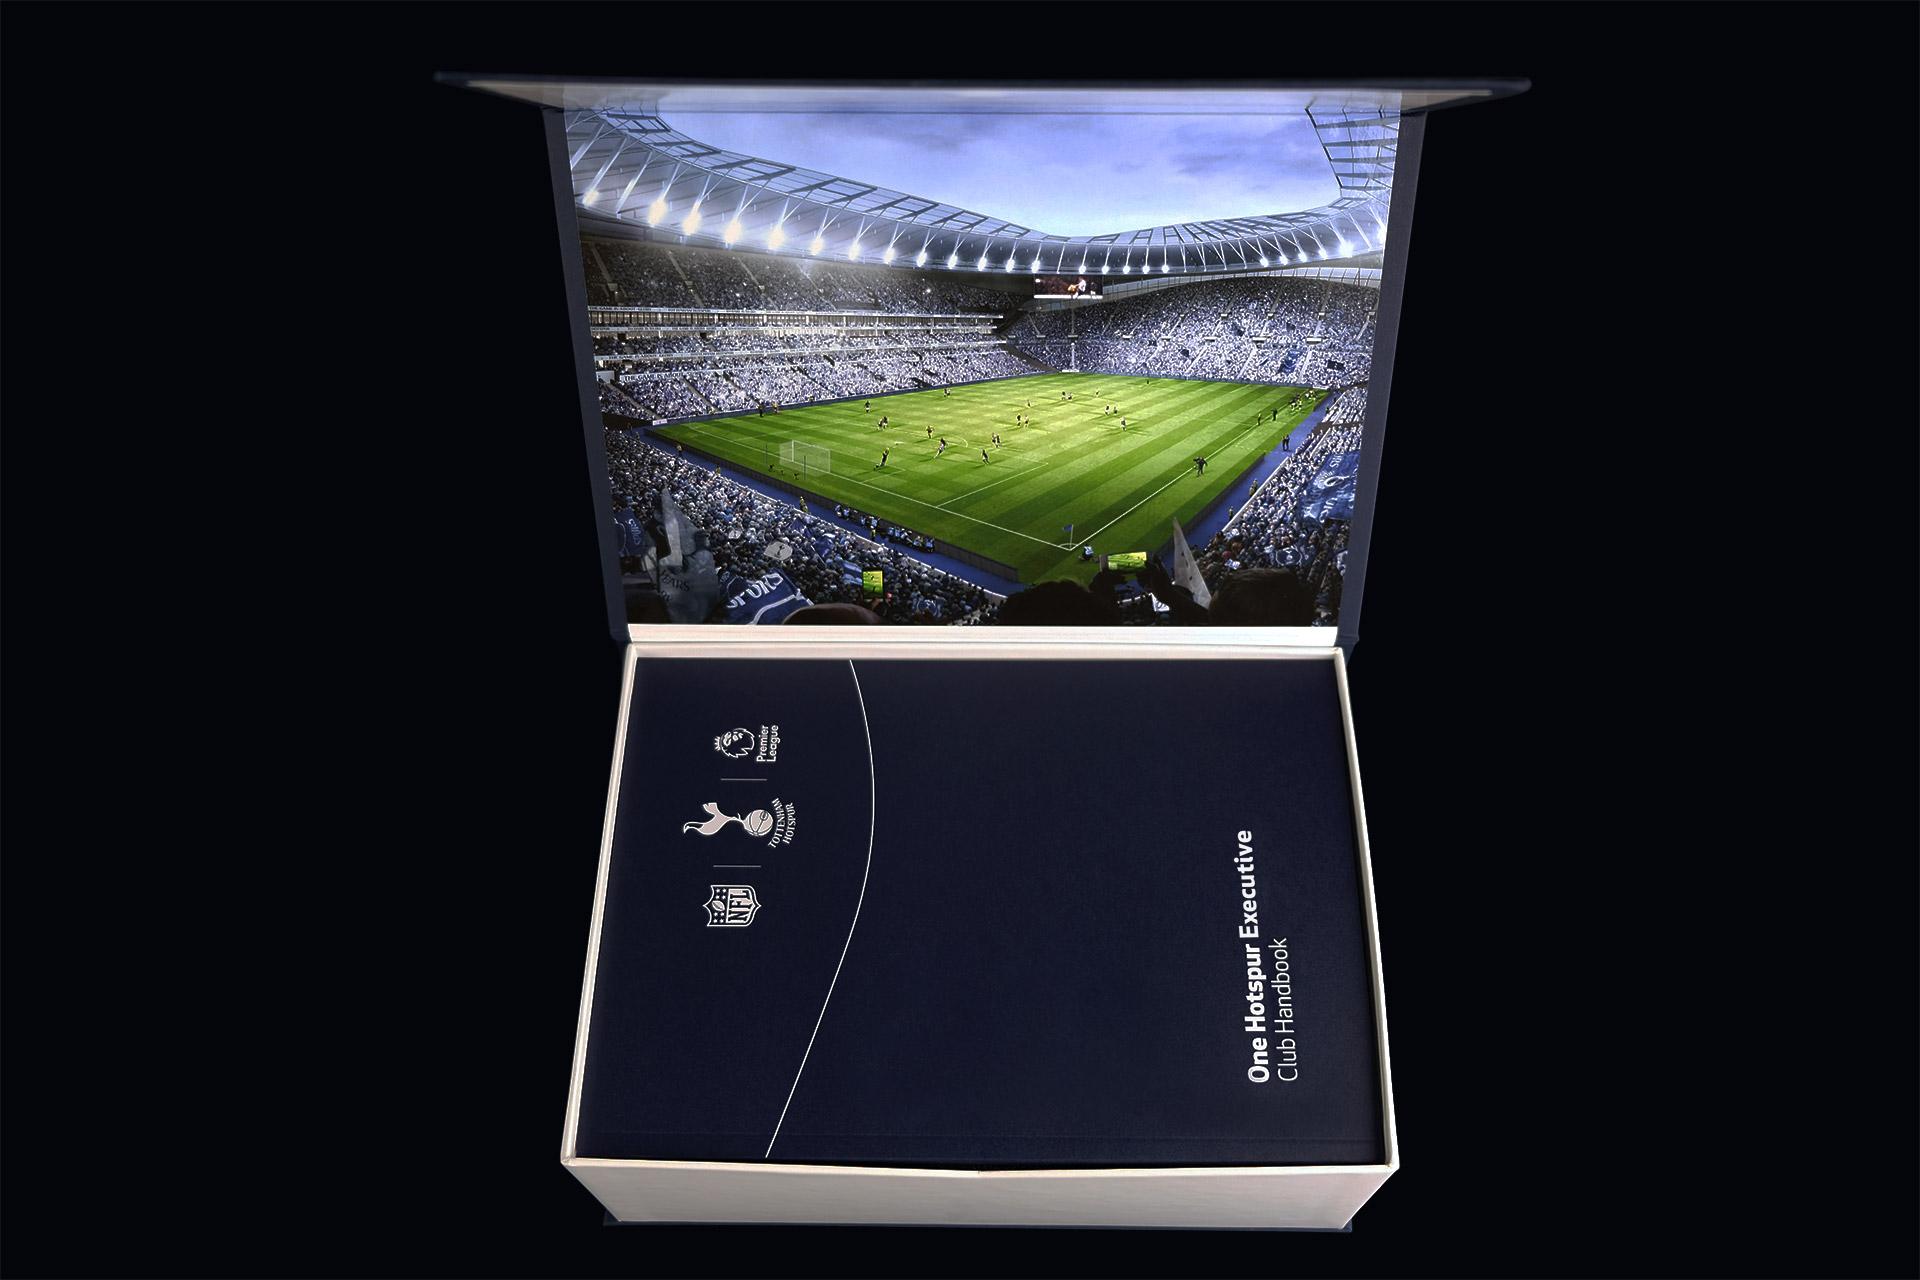 Tottenham Hotspur Football Club Premium Membership